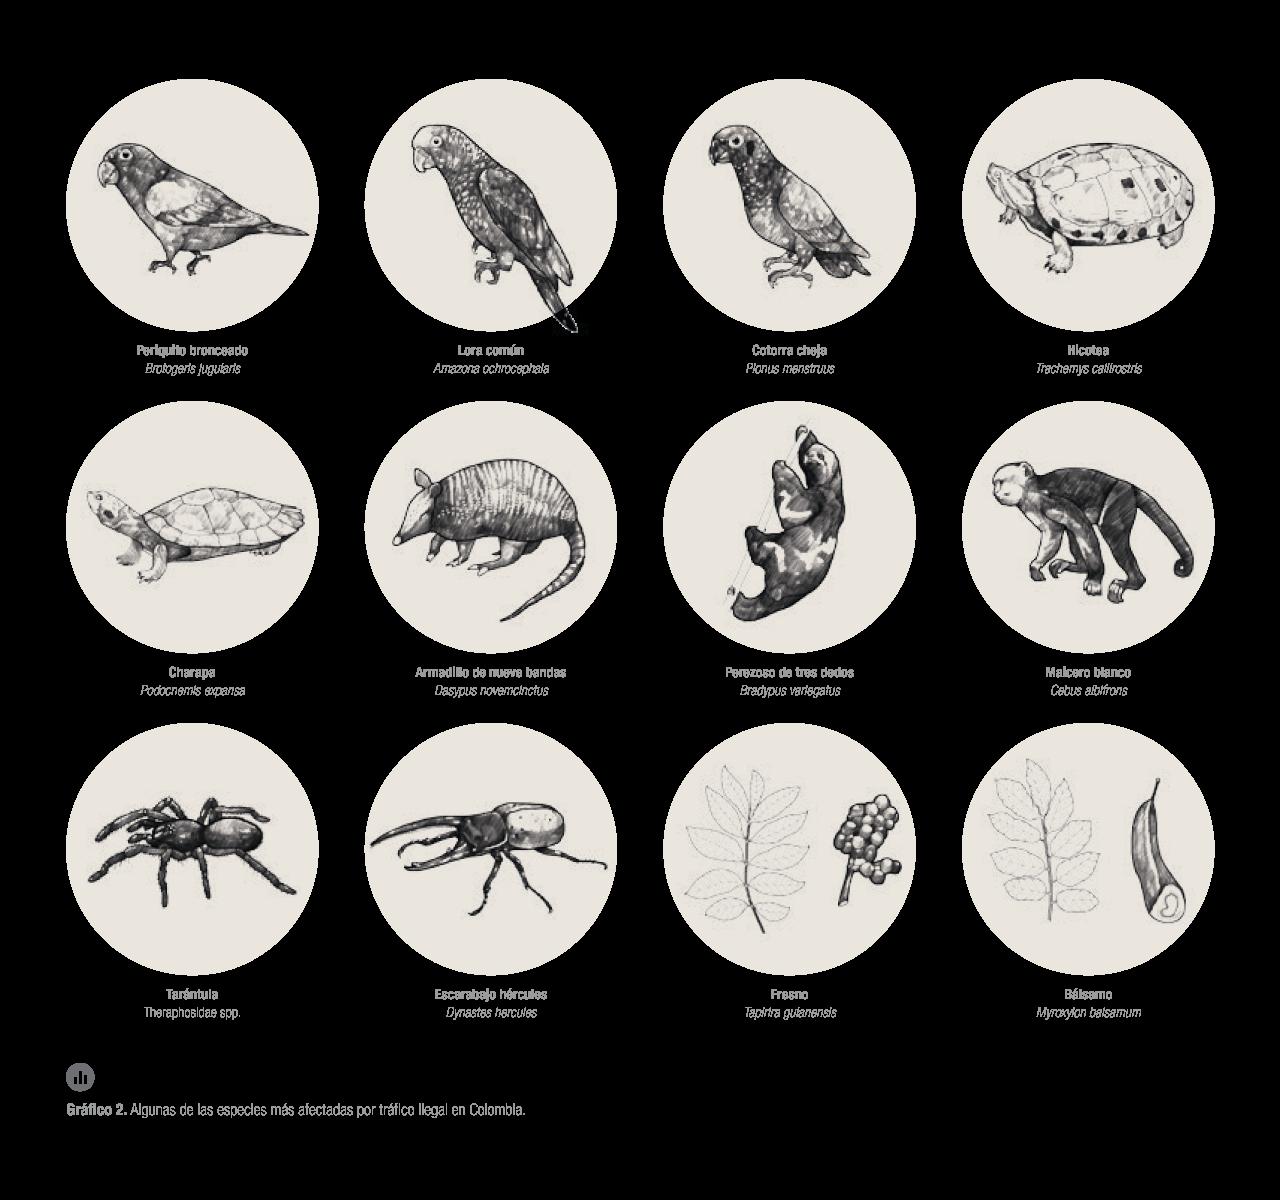 Galería de especies